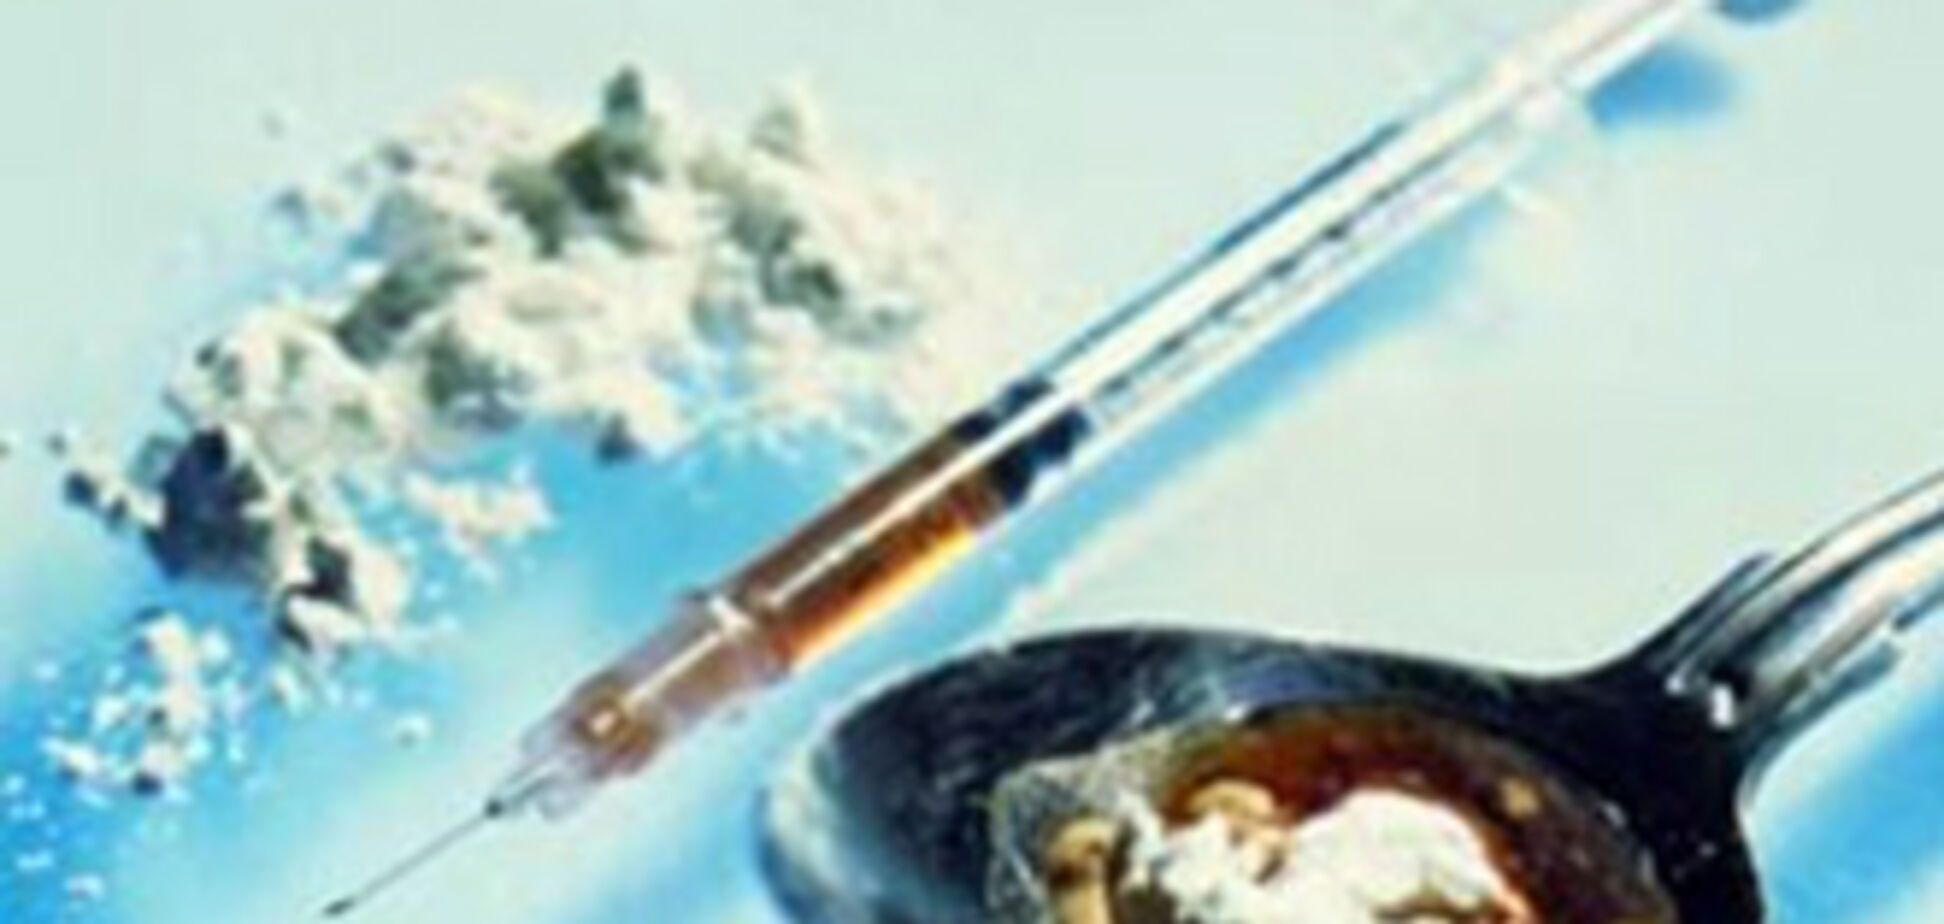 В Полтаве обезвредили преступные наркогруппировки